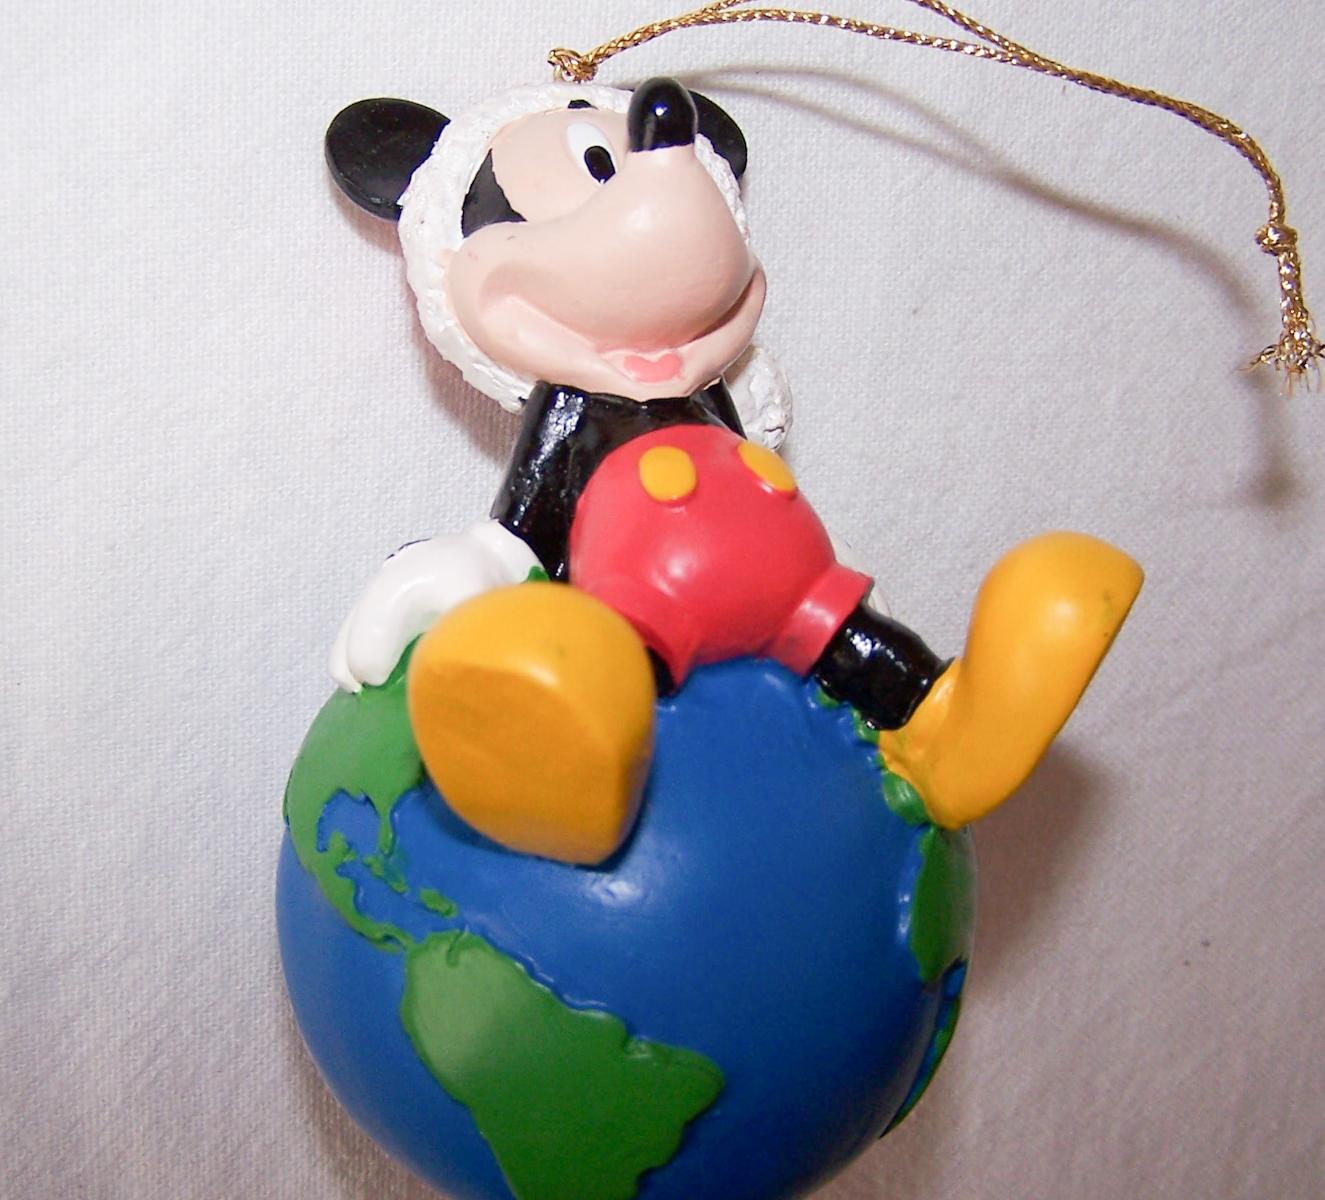 Haushalt - Dekoration - Micky Maus mit Erdkugel auf dem Rücken